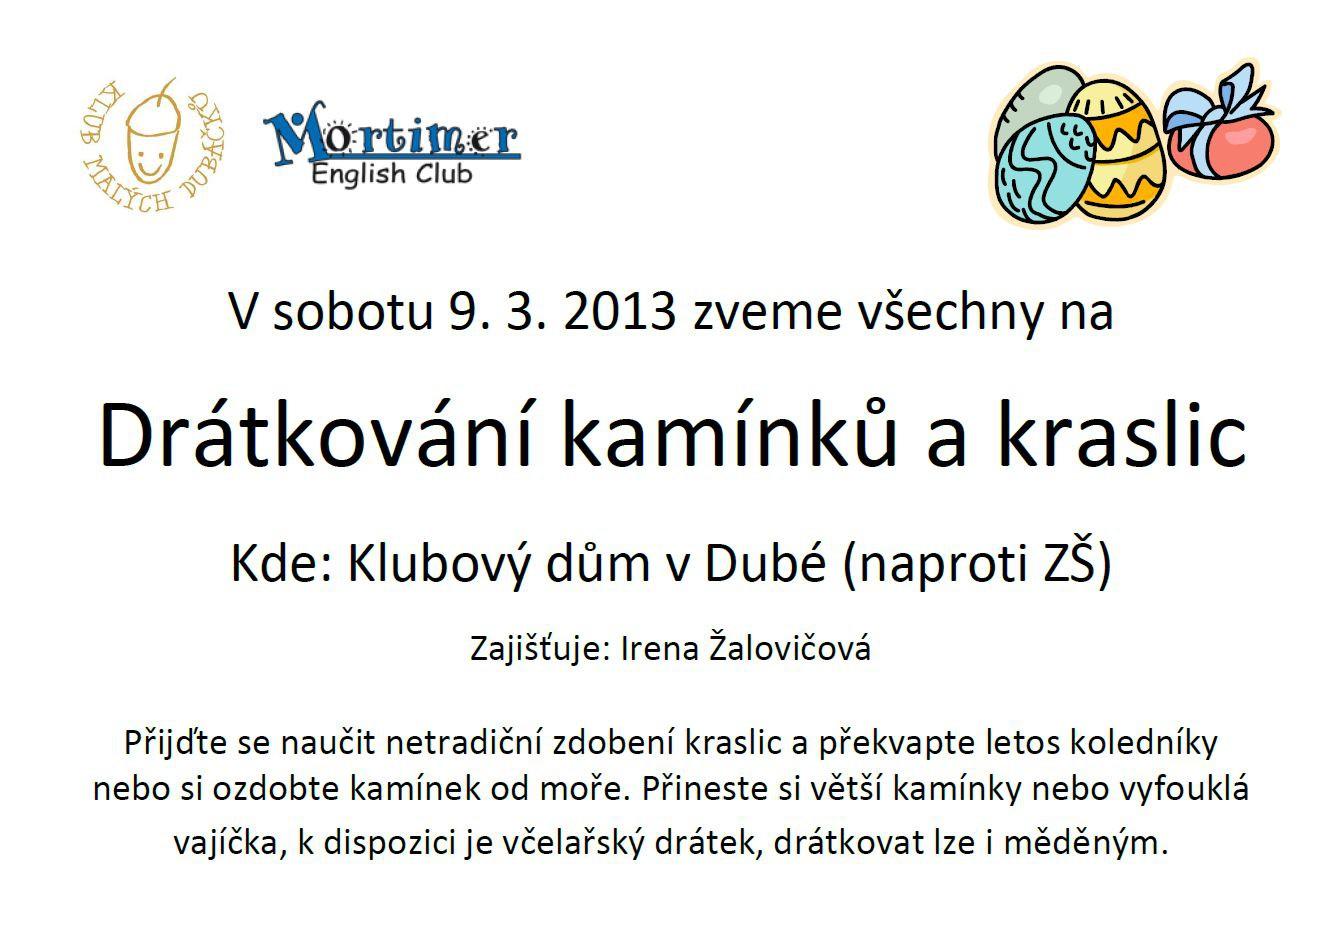 dratkovani_vajicka.jpg